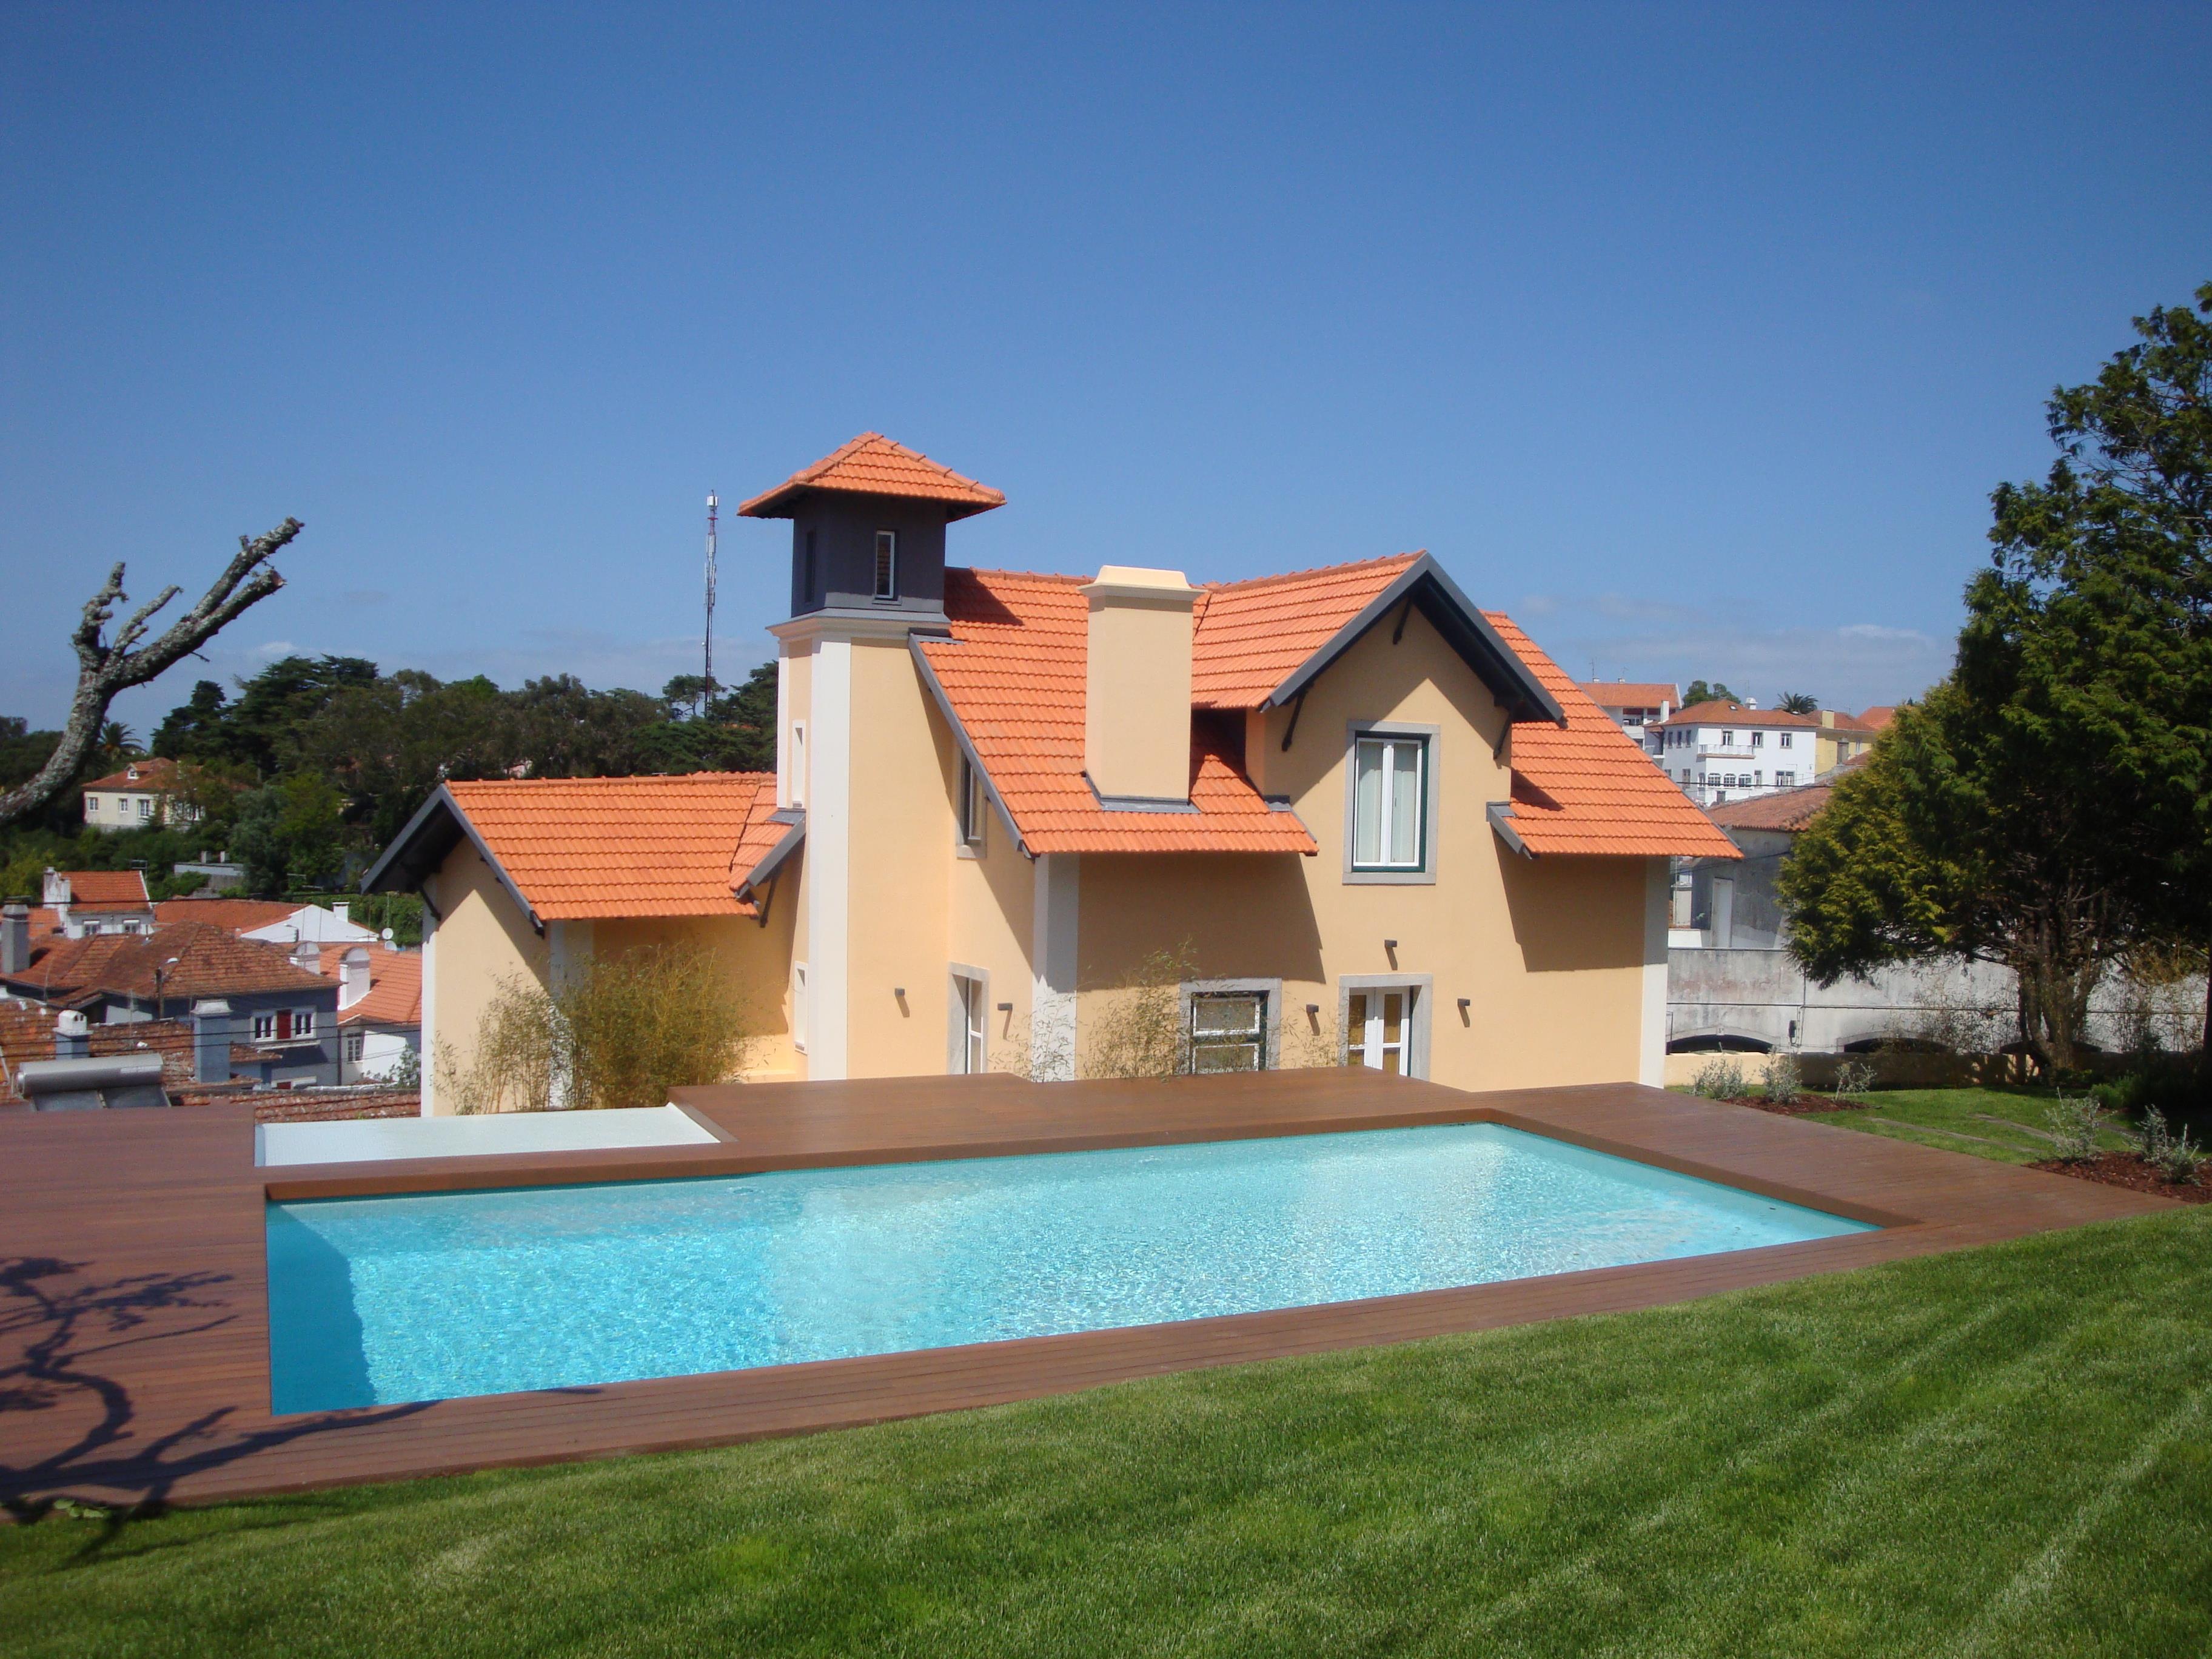 一戸建て のために 売買 アット House, 6 bedrooms, for Sale Sintra, リスボン, 2710-535 ポルトガル